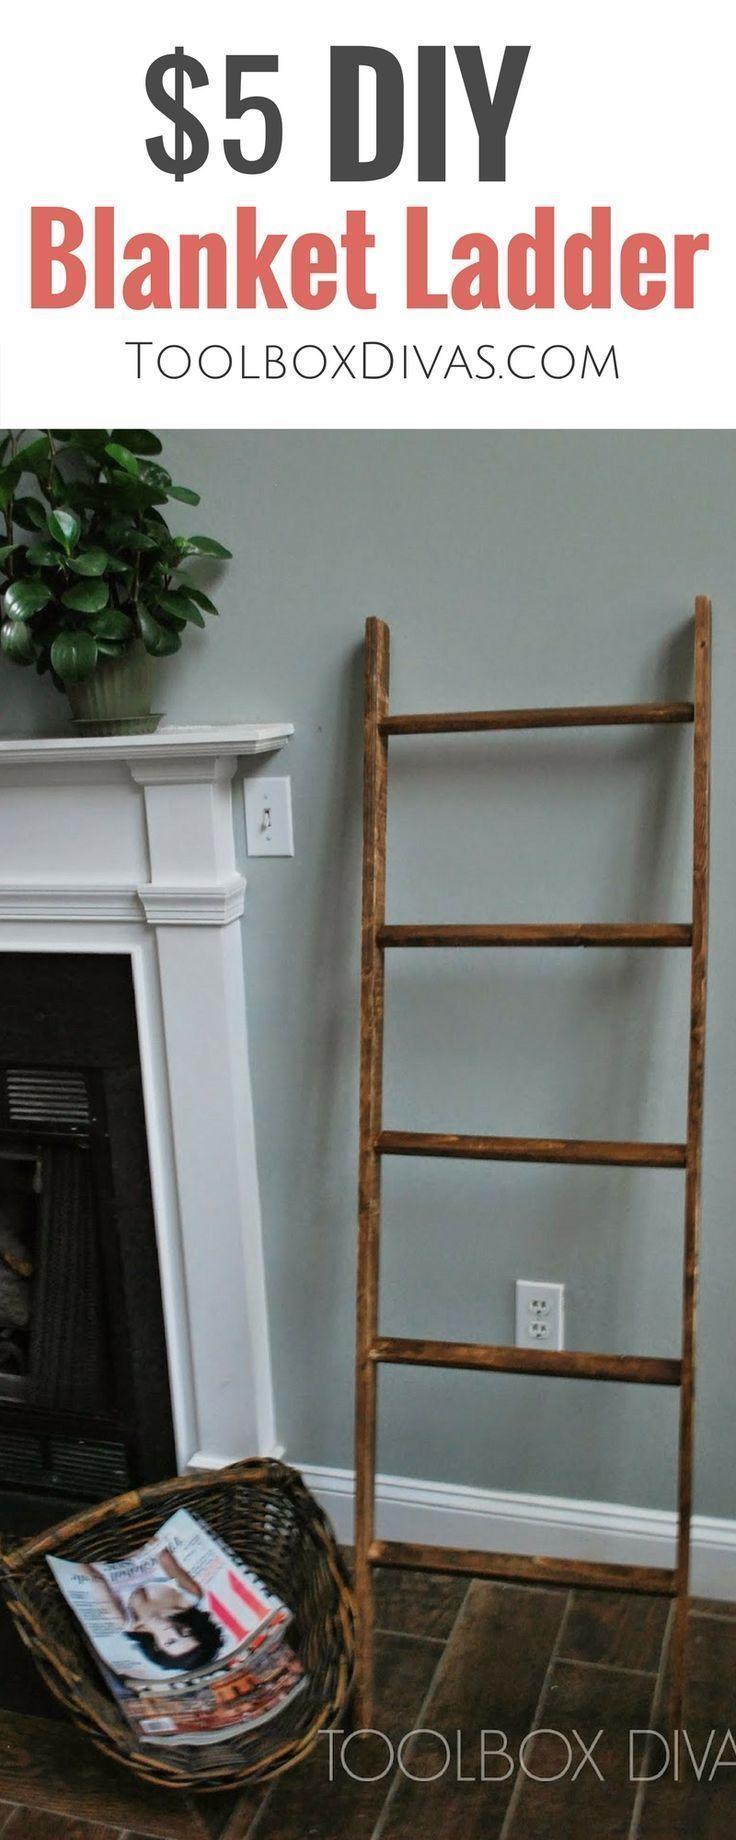 $5 DIY blanket ladder. farmhouse decor easy beginner woodworking. pottery barn k...